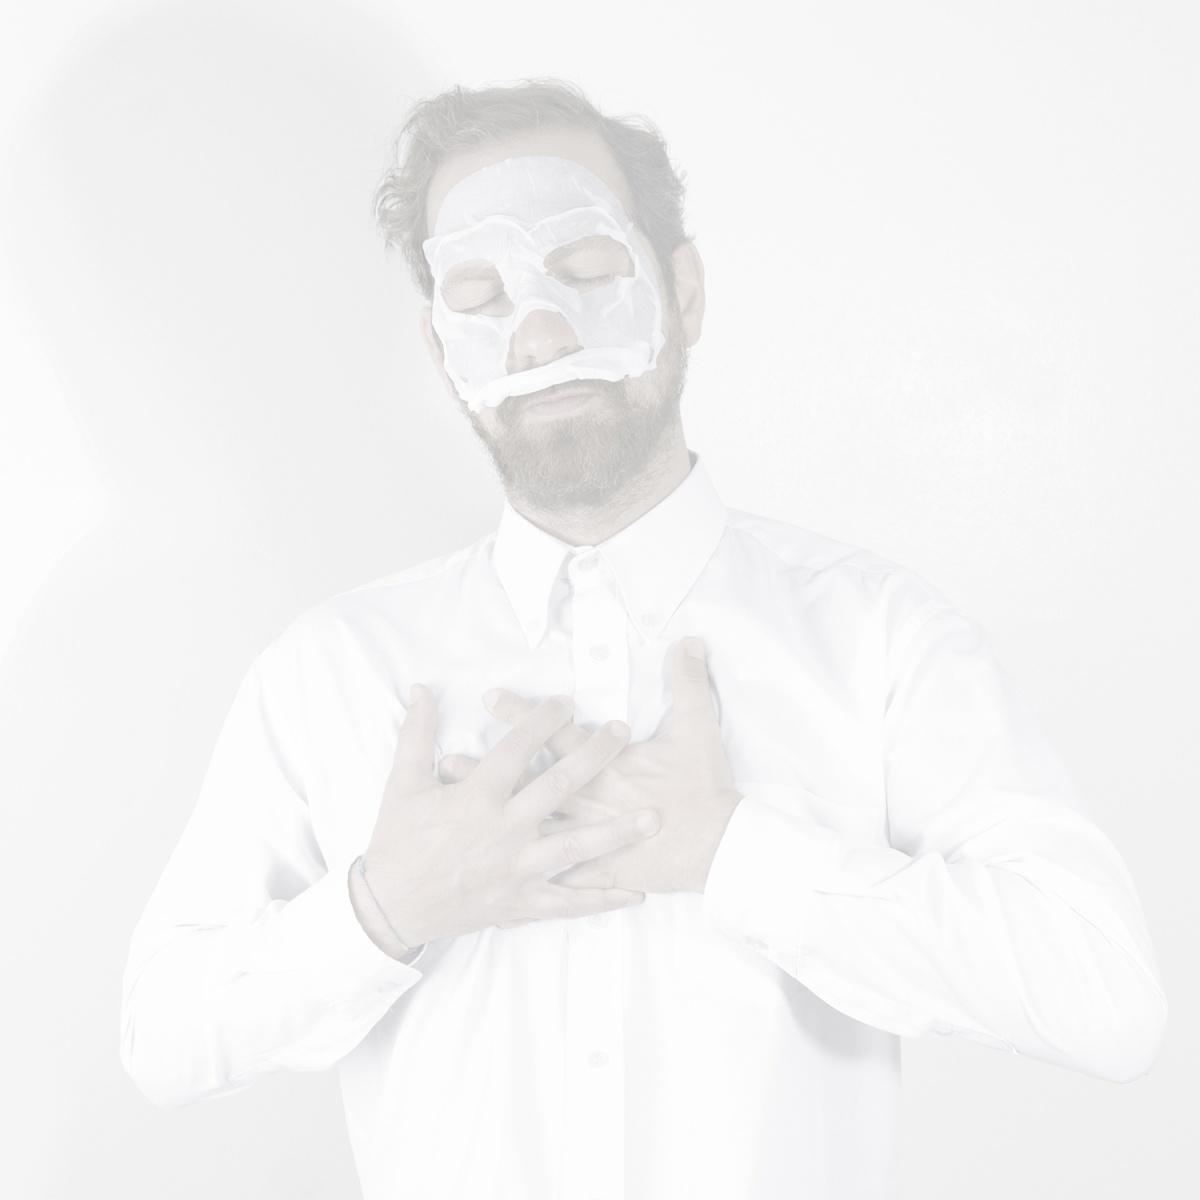 legaminismi-arte-ritratto-matteo-gallerini-medulla-studio